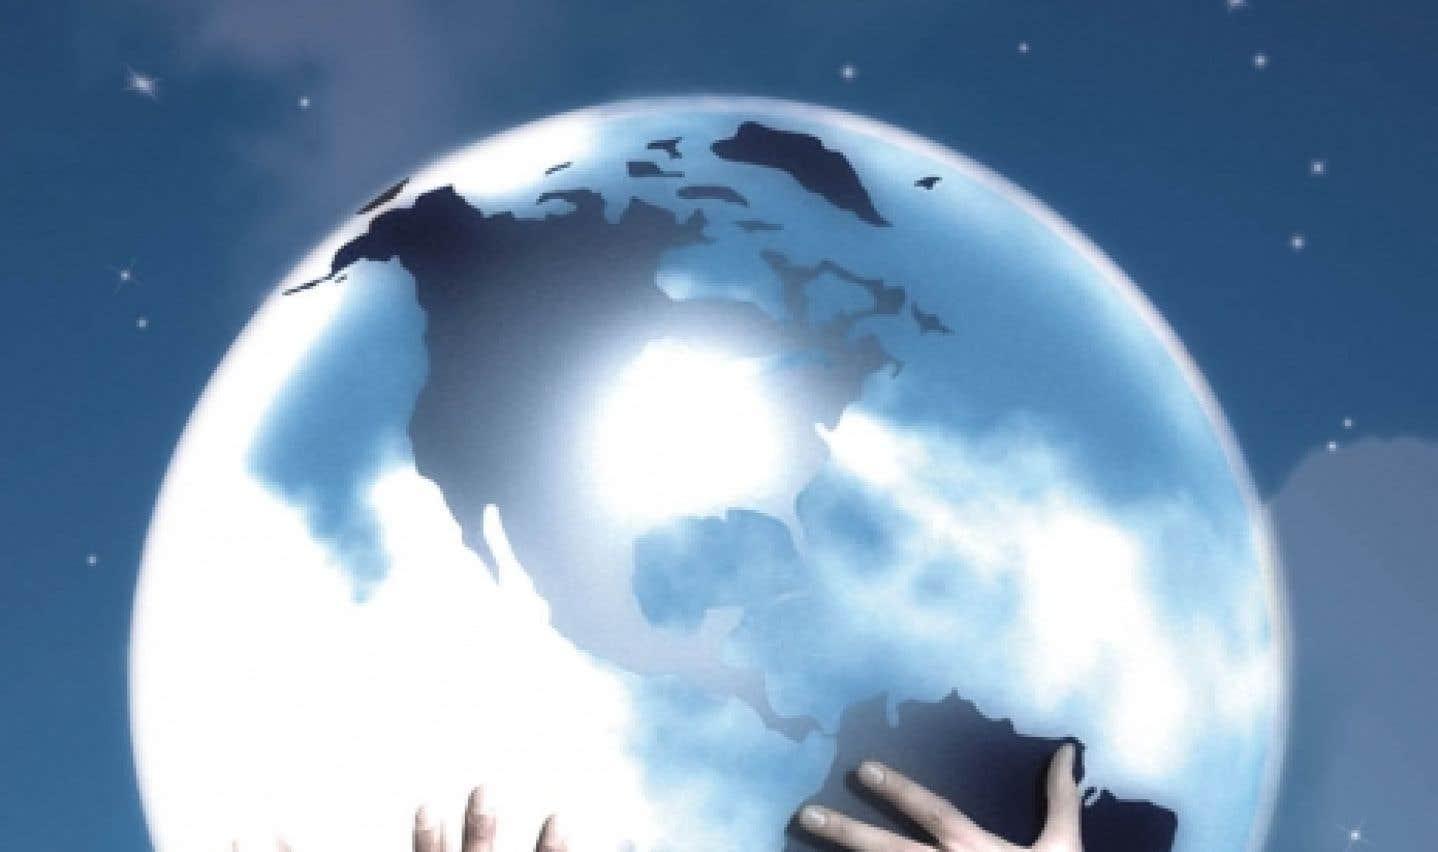 Une nouvelle économie se donne des moyens planétaires